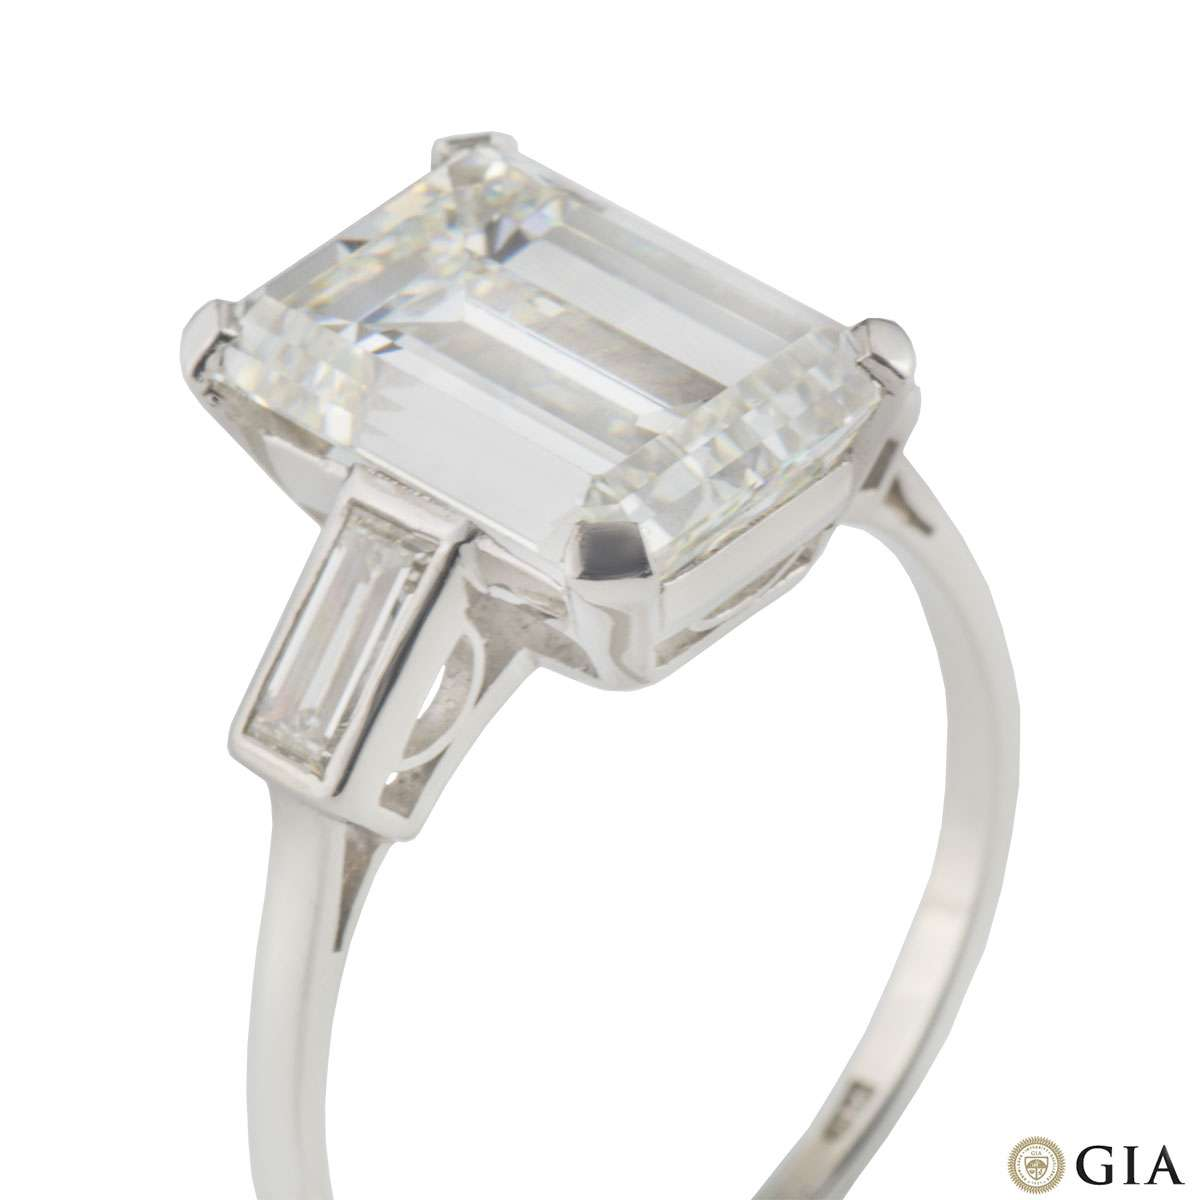 Emerald Cut Platinum Diamond Ring 7.02ct H/VS1